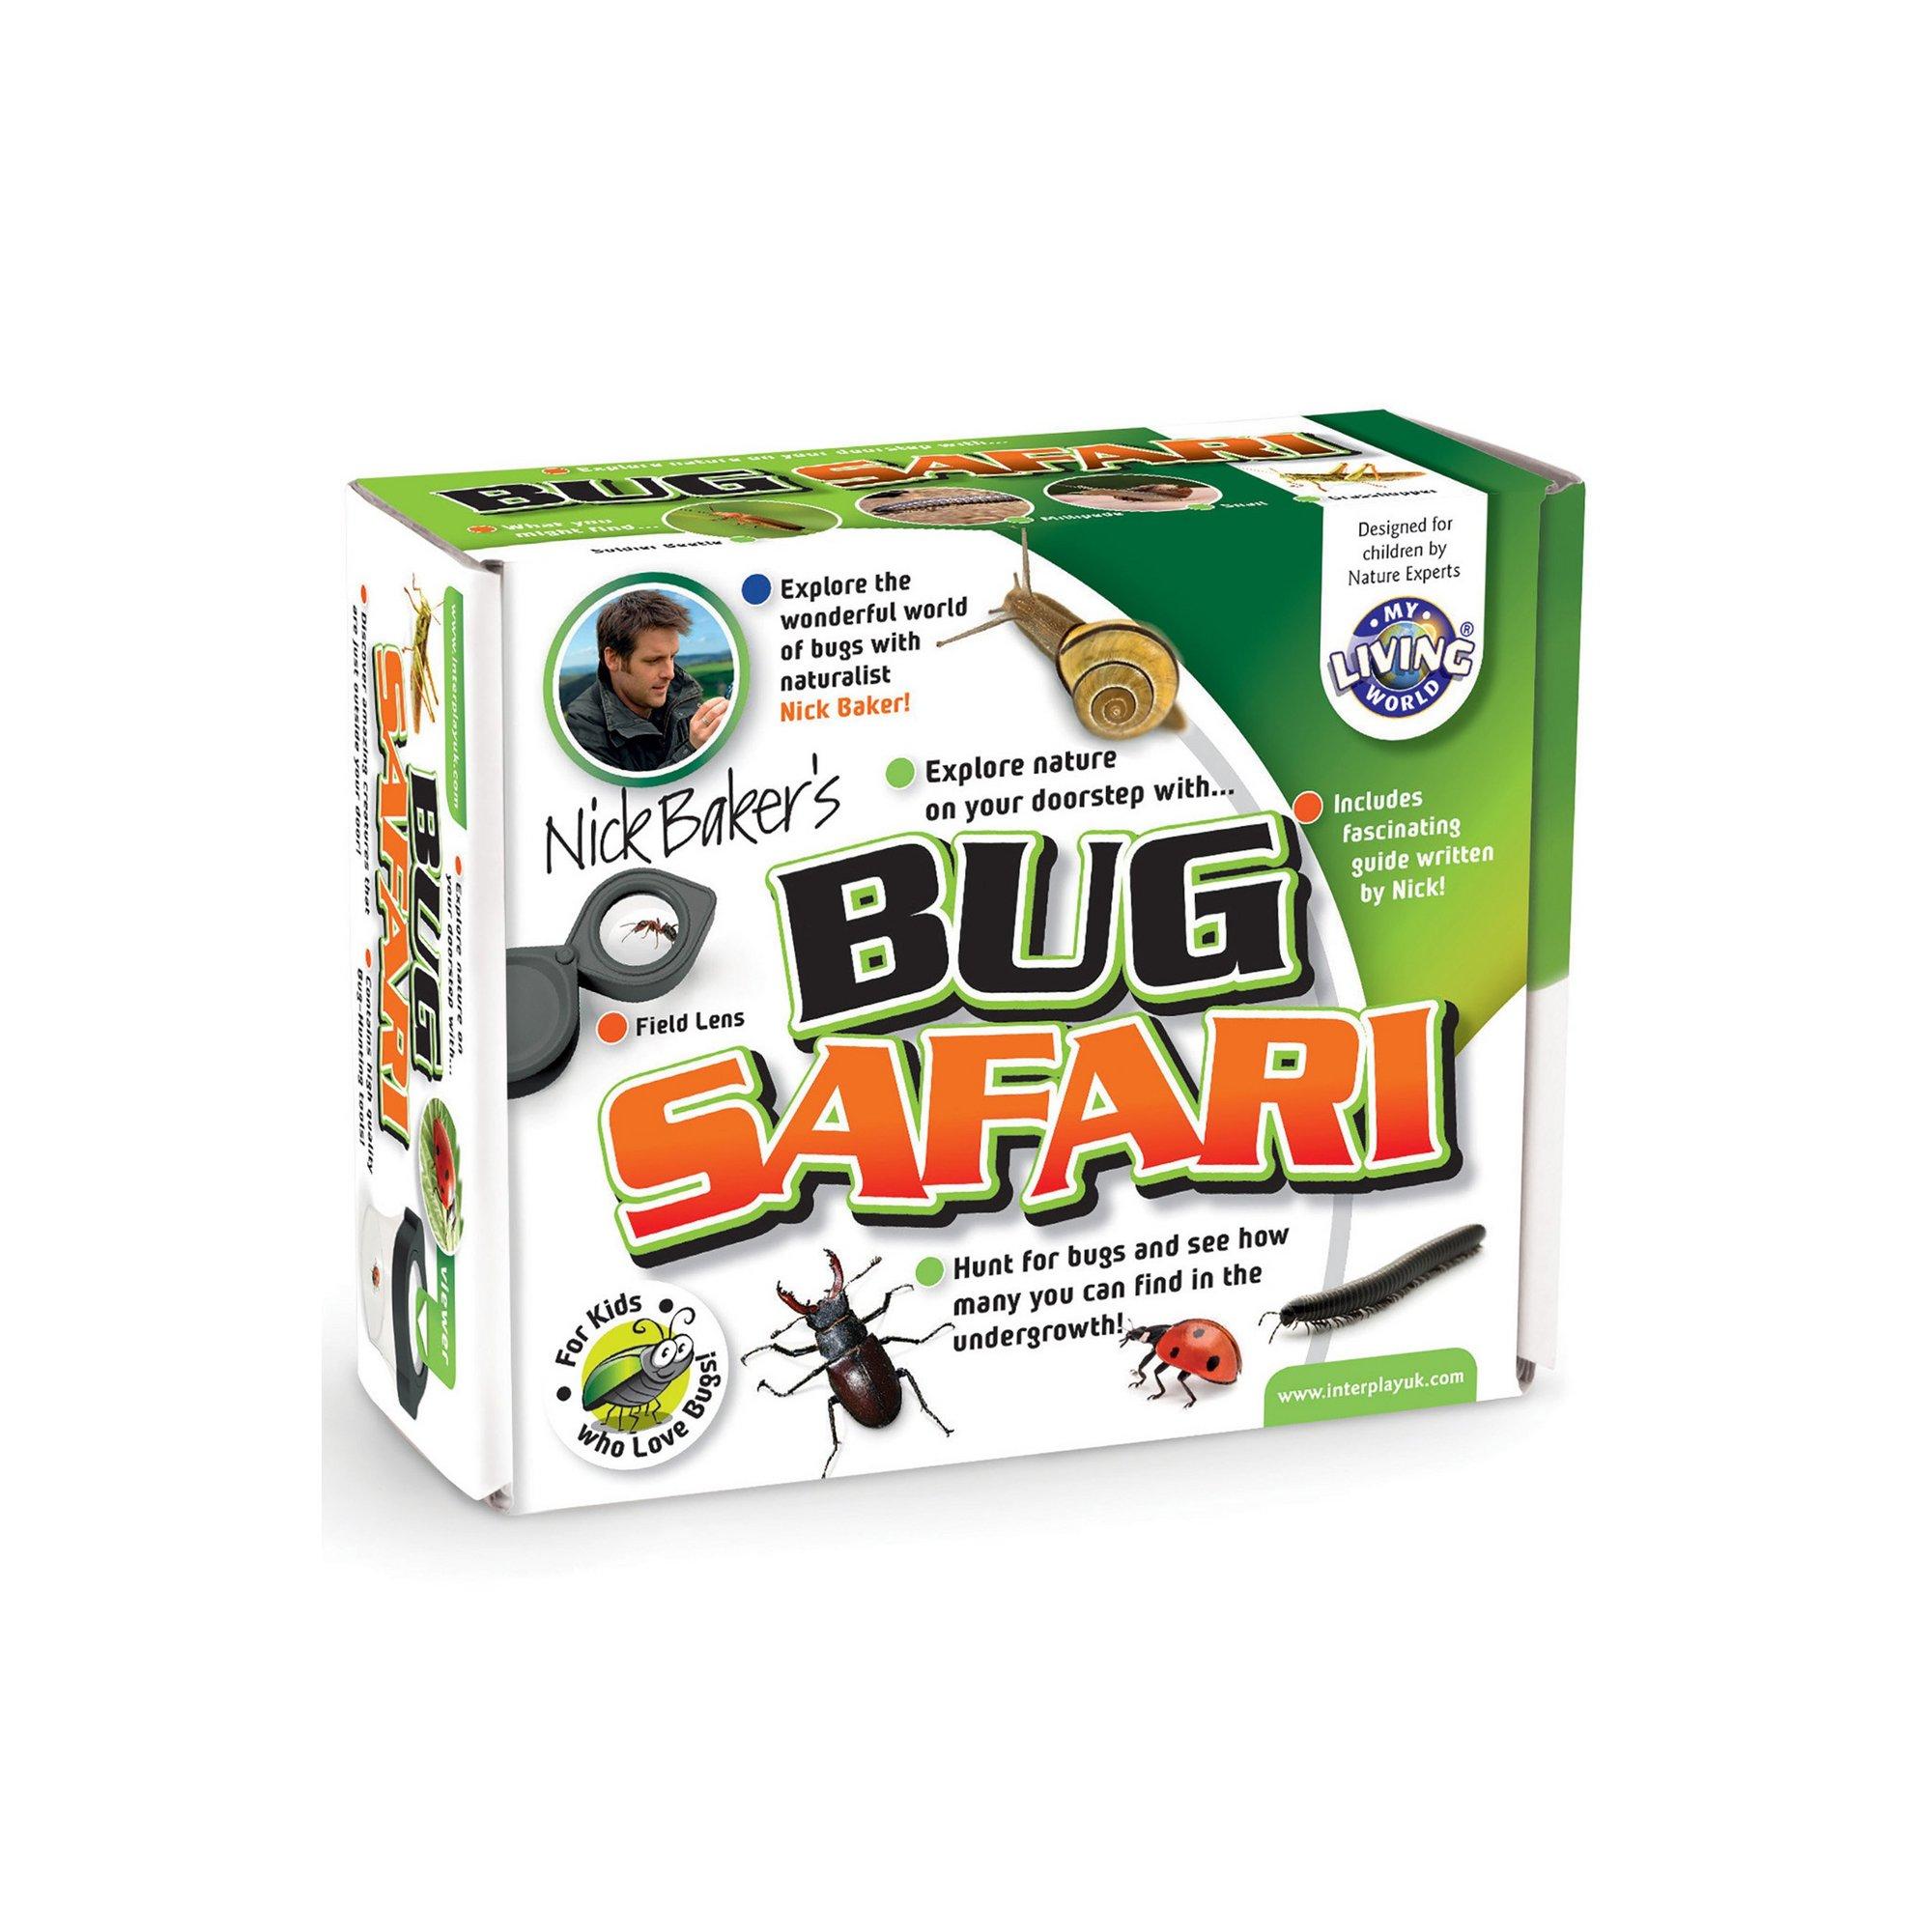 Image of My Living World Bug Safari